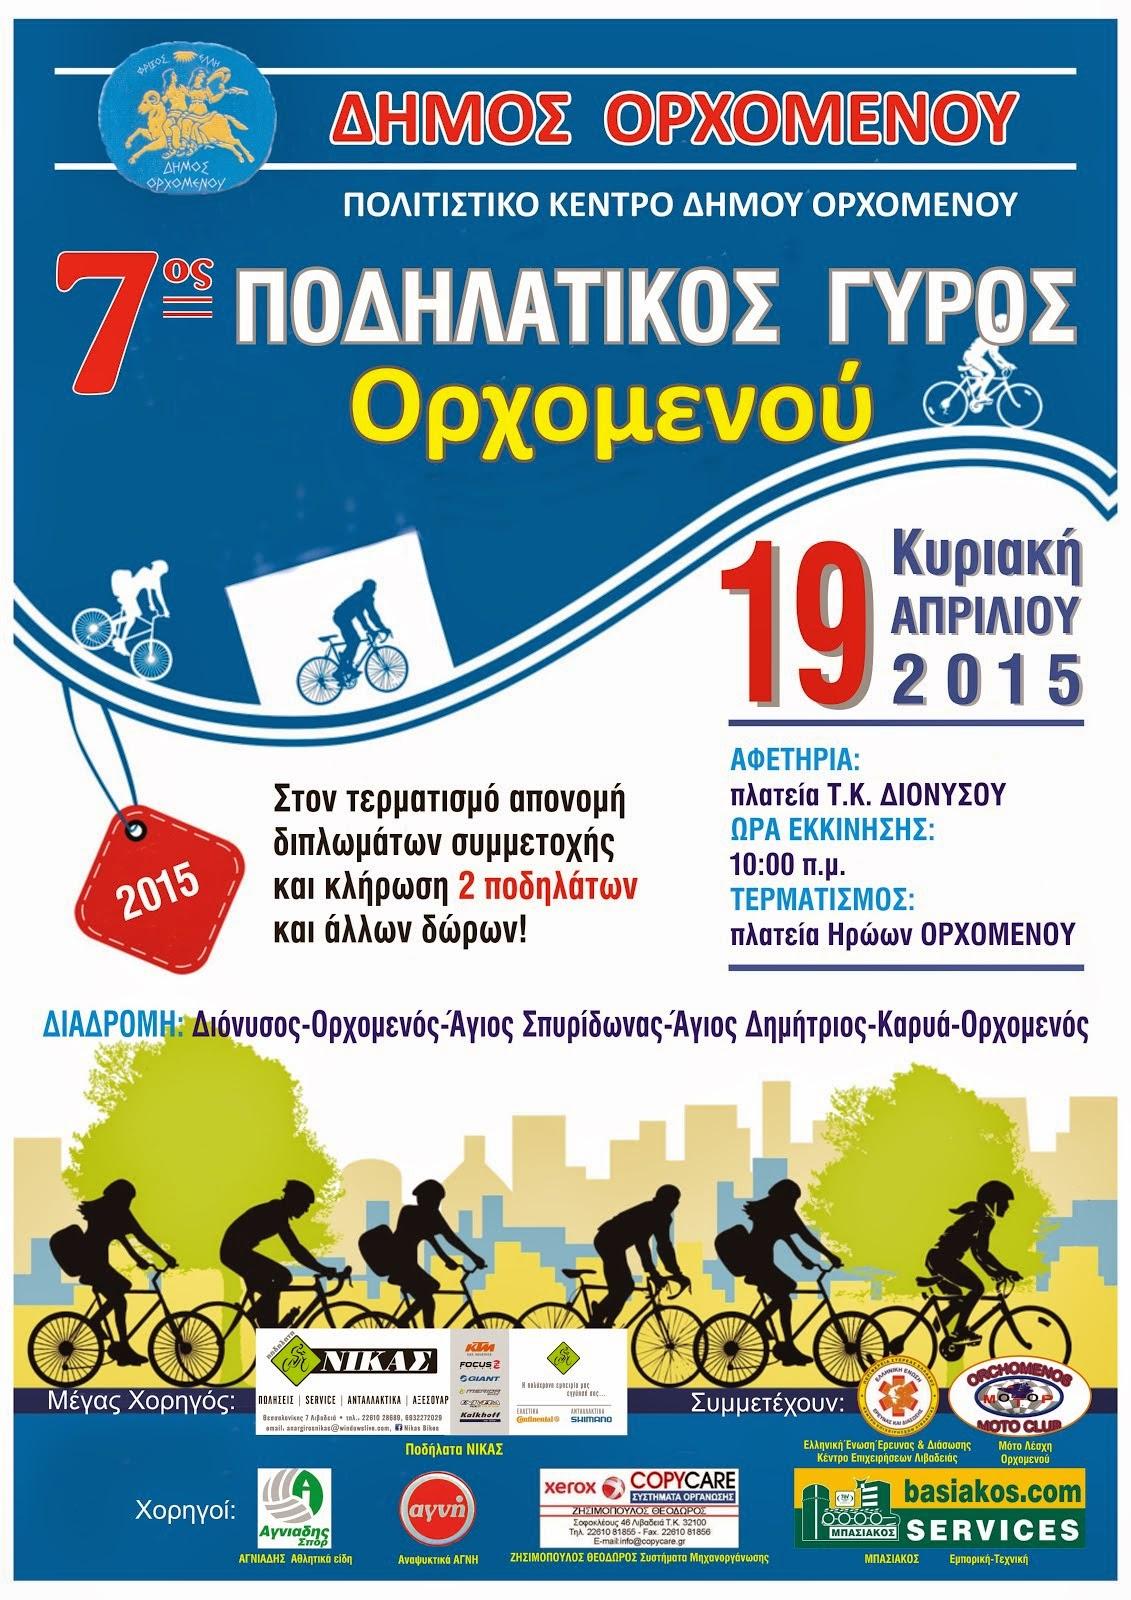 Την Κυριακή ο 7ος Ποδηλατικός Γύρος στο Δήμο Ορχομενού